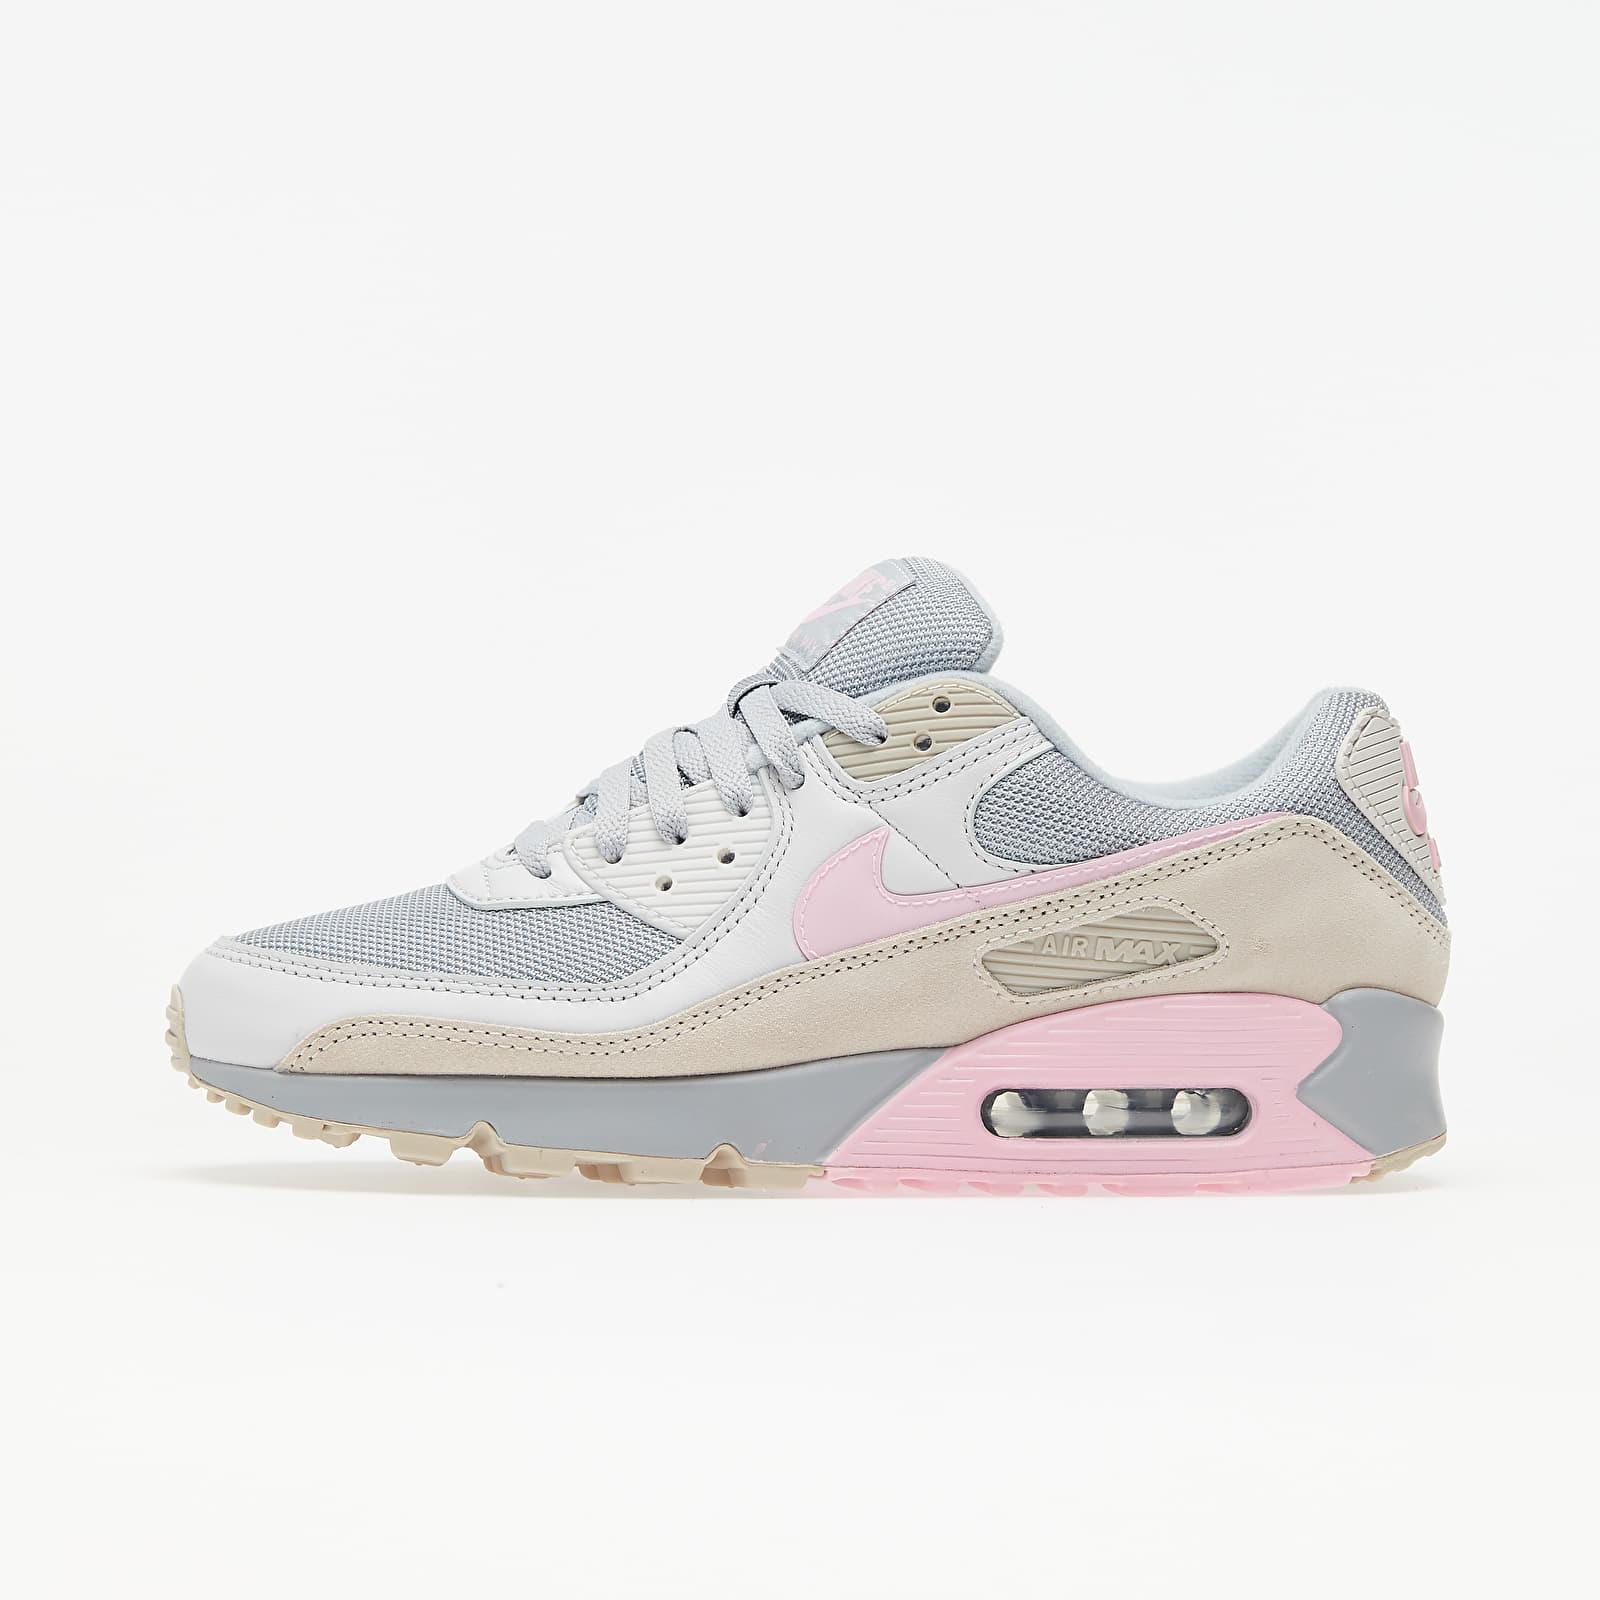 Nike Air Max 90 Vast Grey/ Pink-Wolf Grey-String EUR 42.5